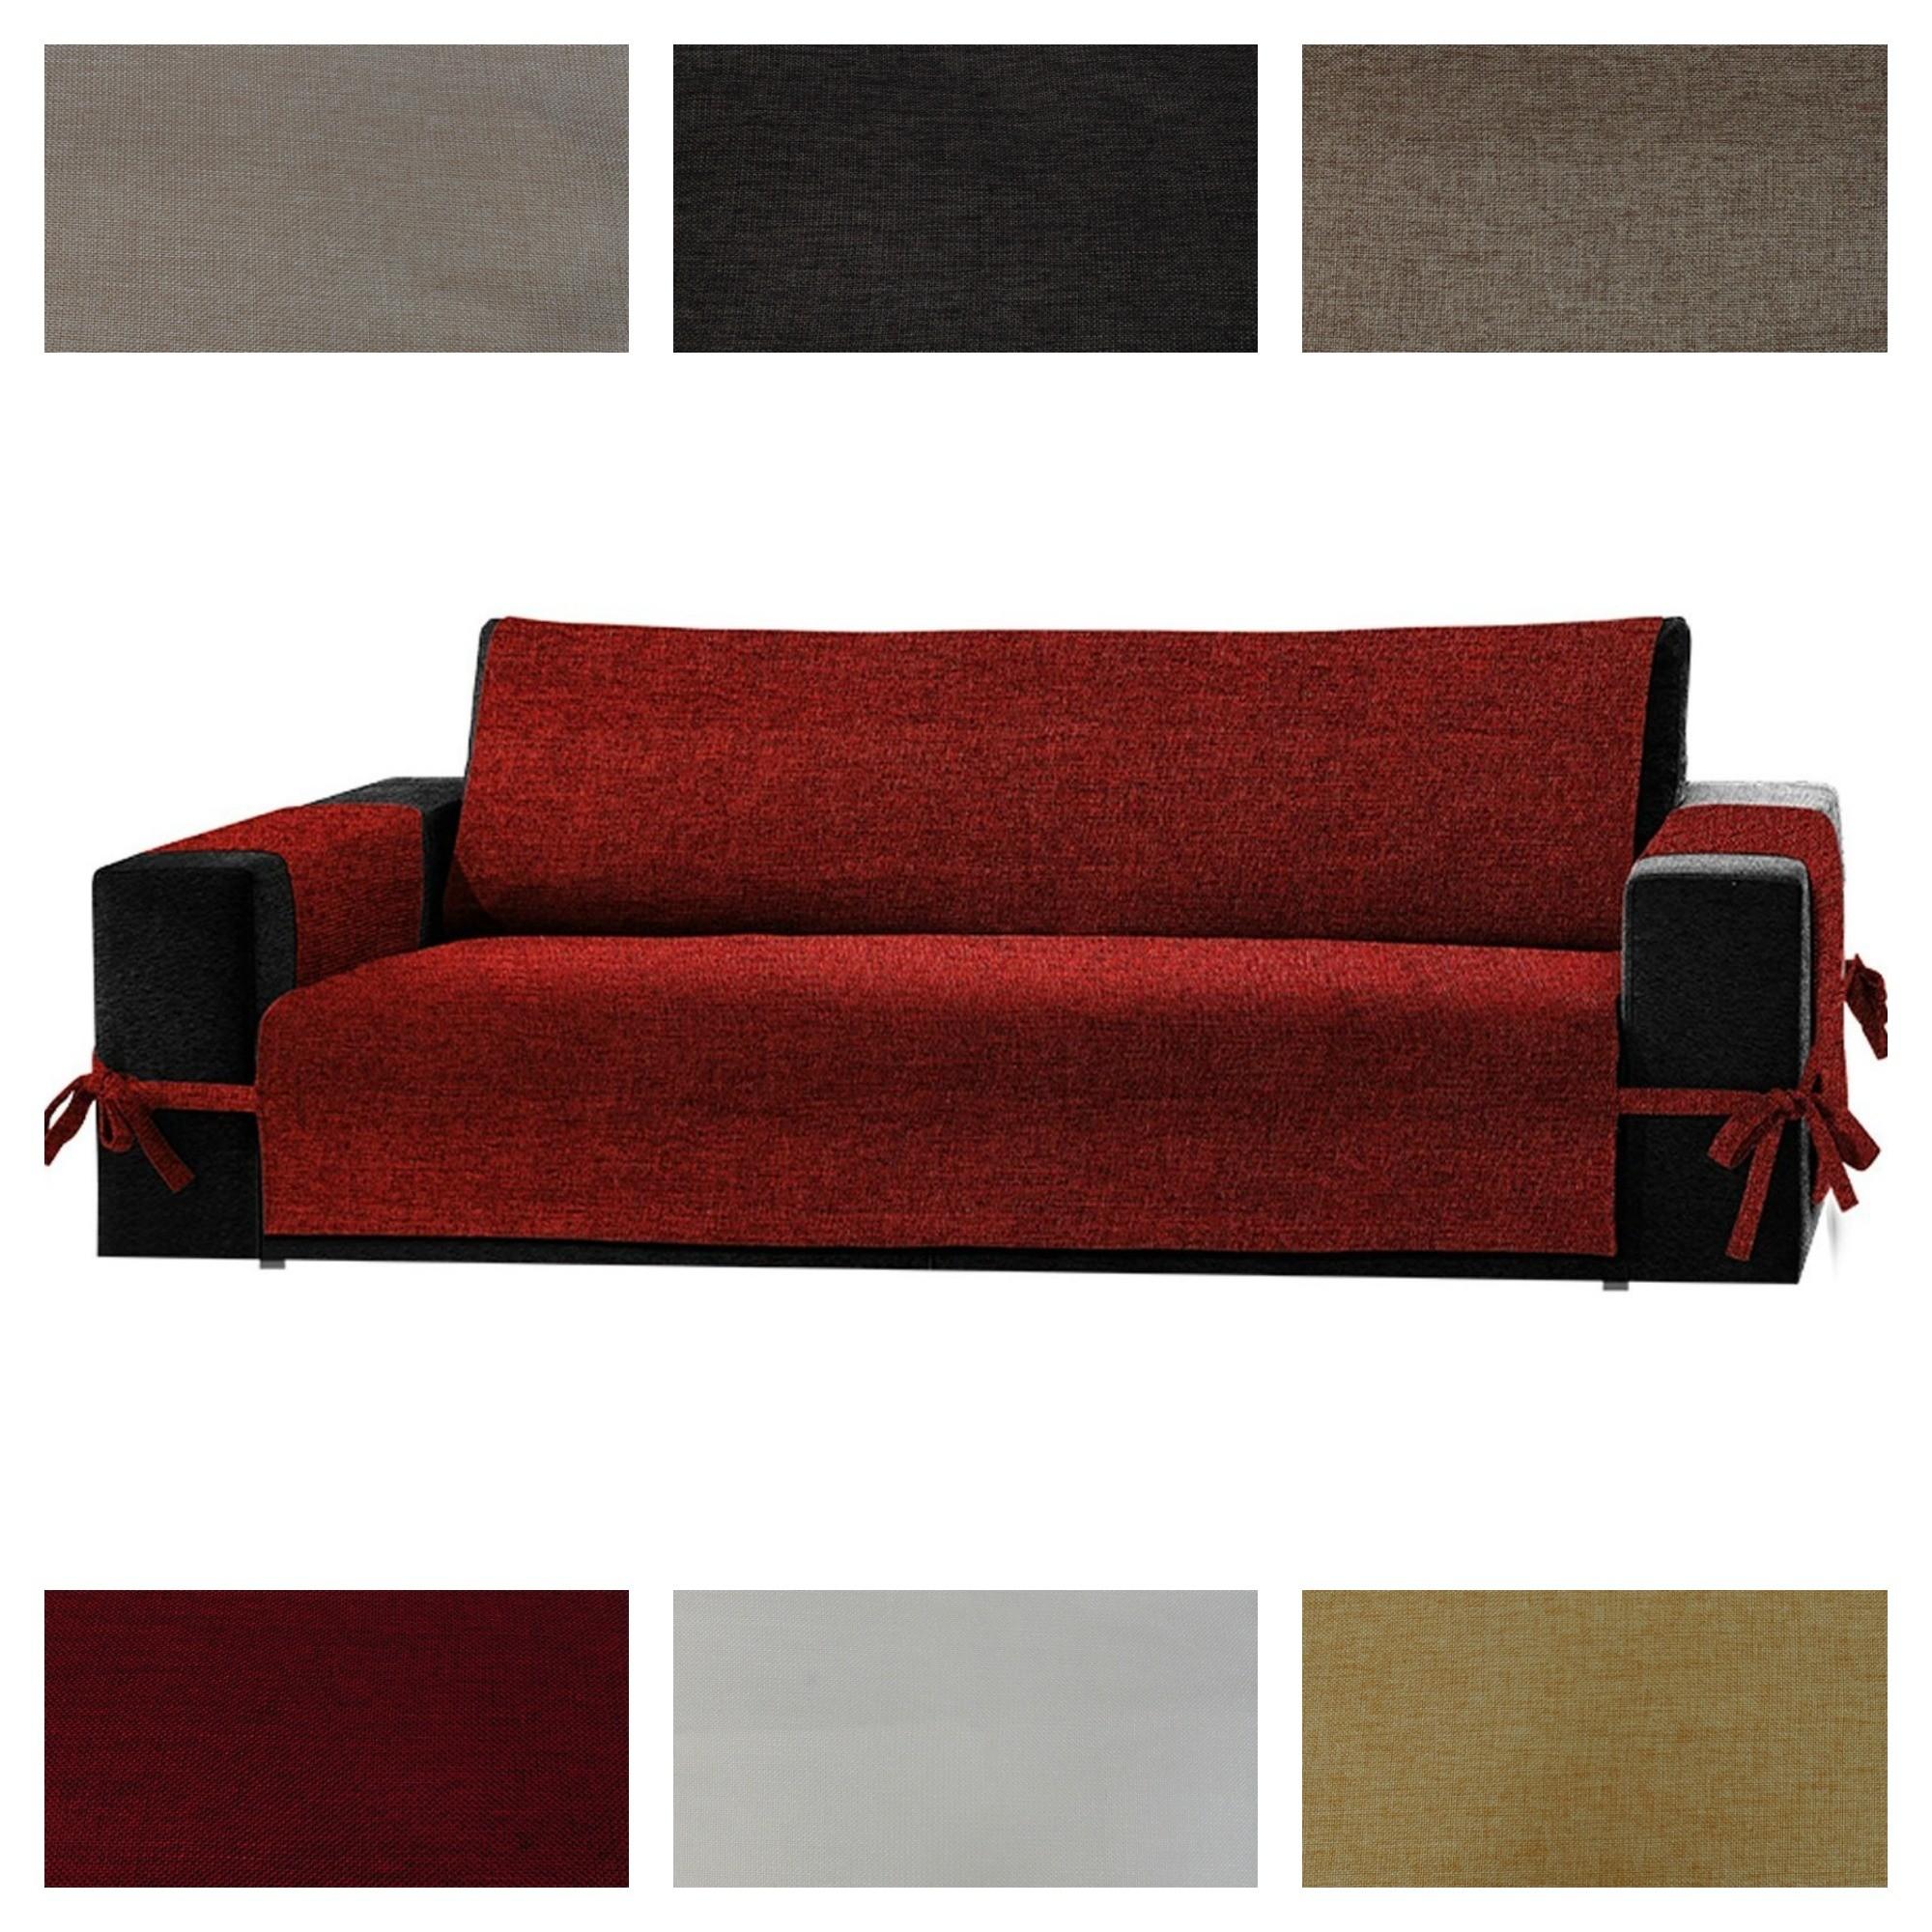 Copridivano per divano in pelle excellent divano verde - Copridivano per divano in pelle ...